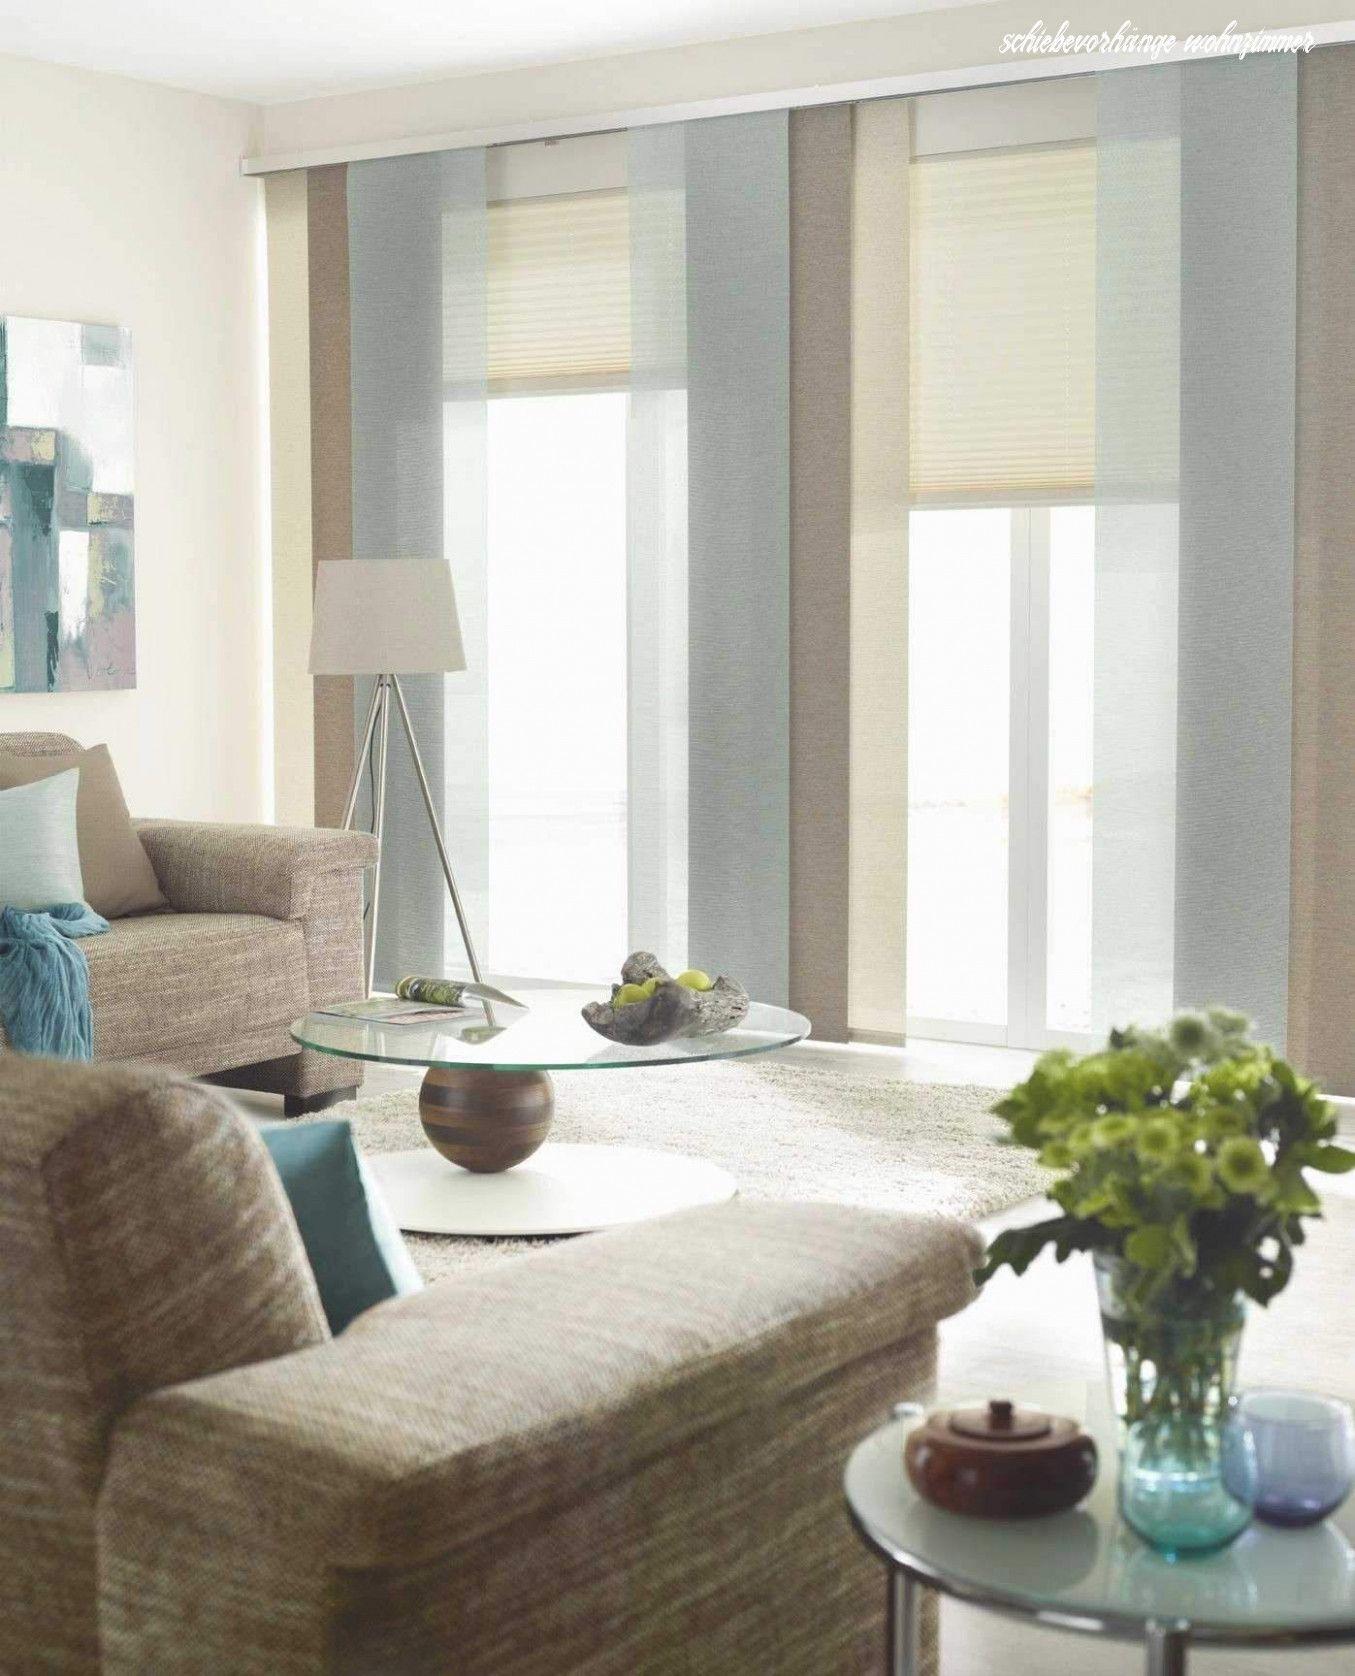 7 Ideen Zur Organisation Ihrer Eigenen Schiebevorgangswohnungen